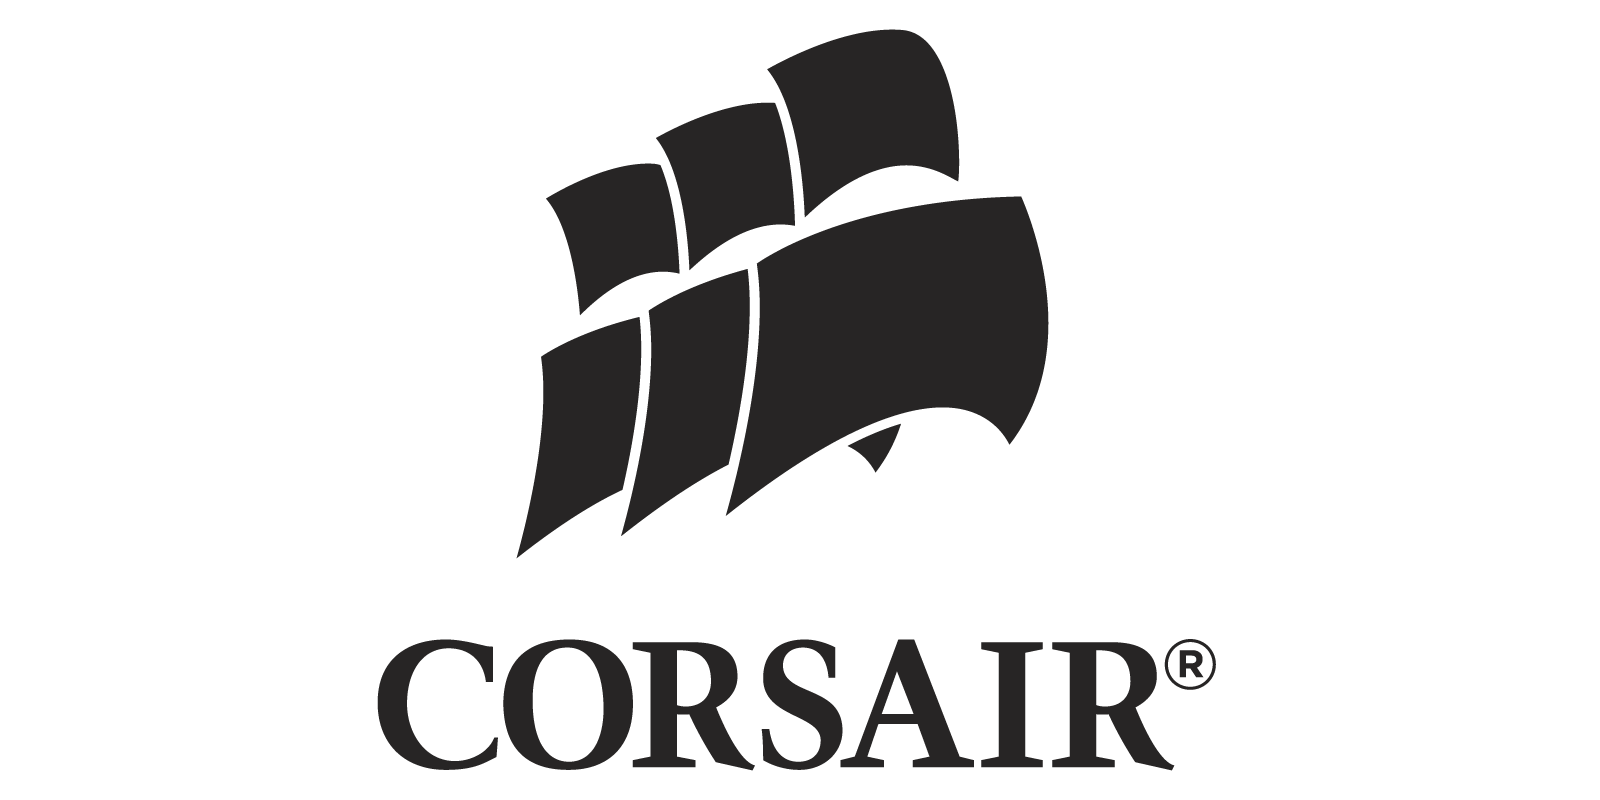 Corsair PNG - 29471